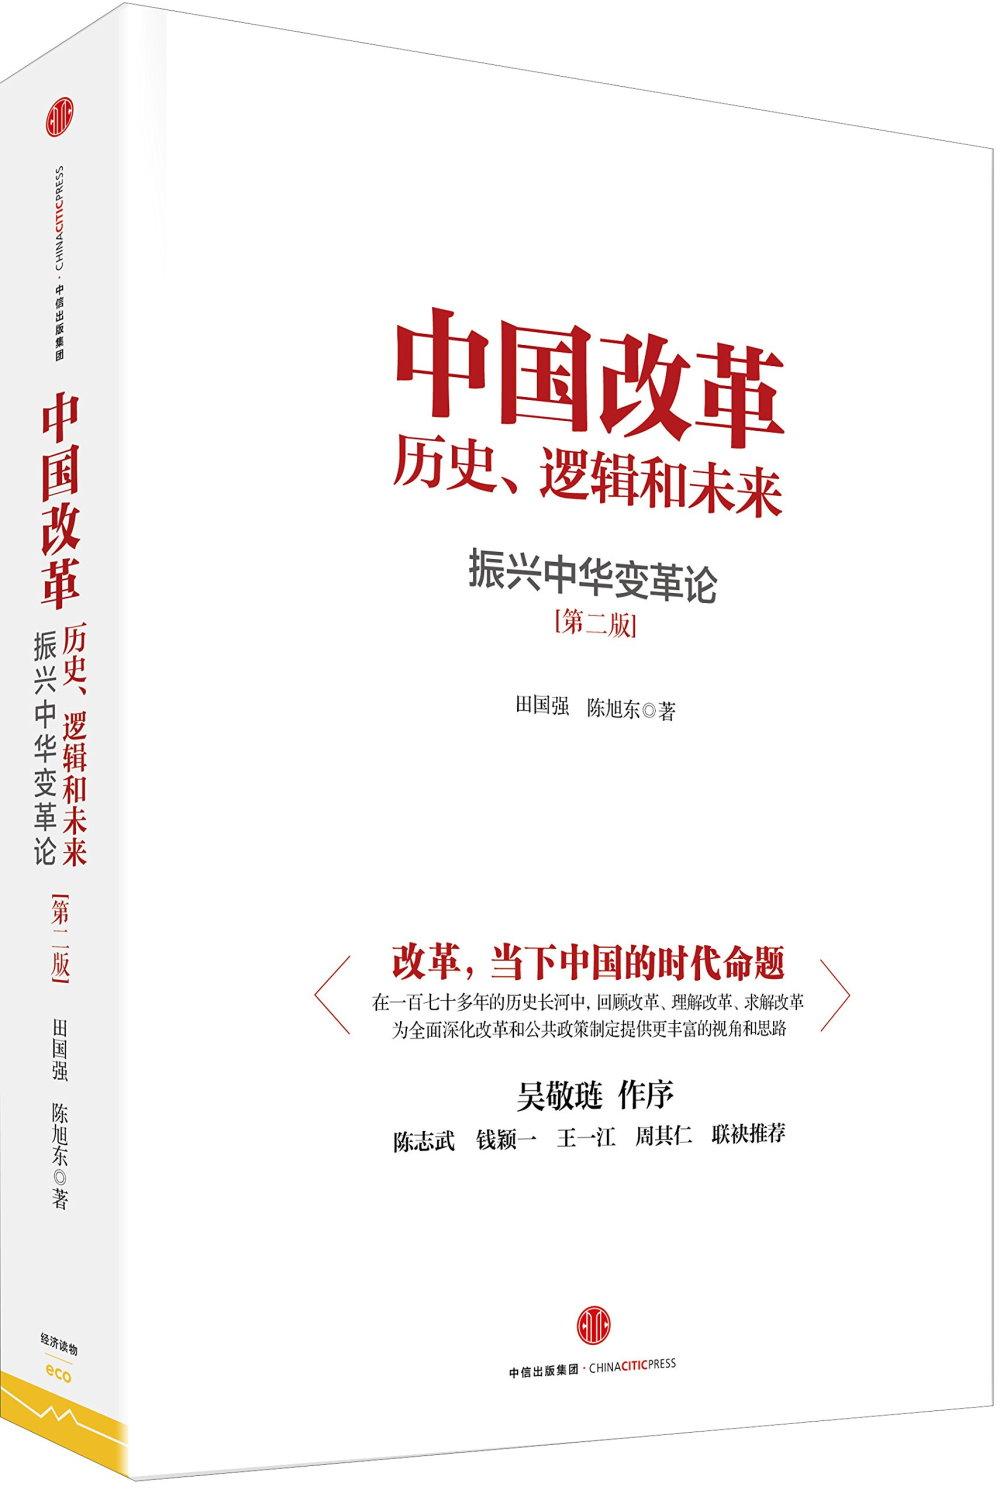 中國改革:歷史、邏輯和未來~~振興中華變革論^(第二版^)